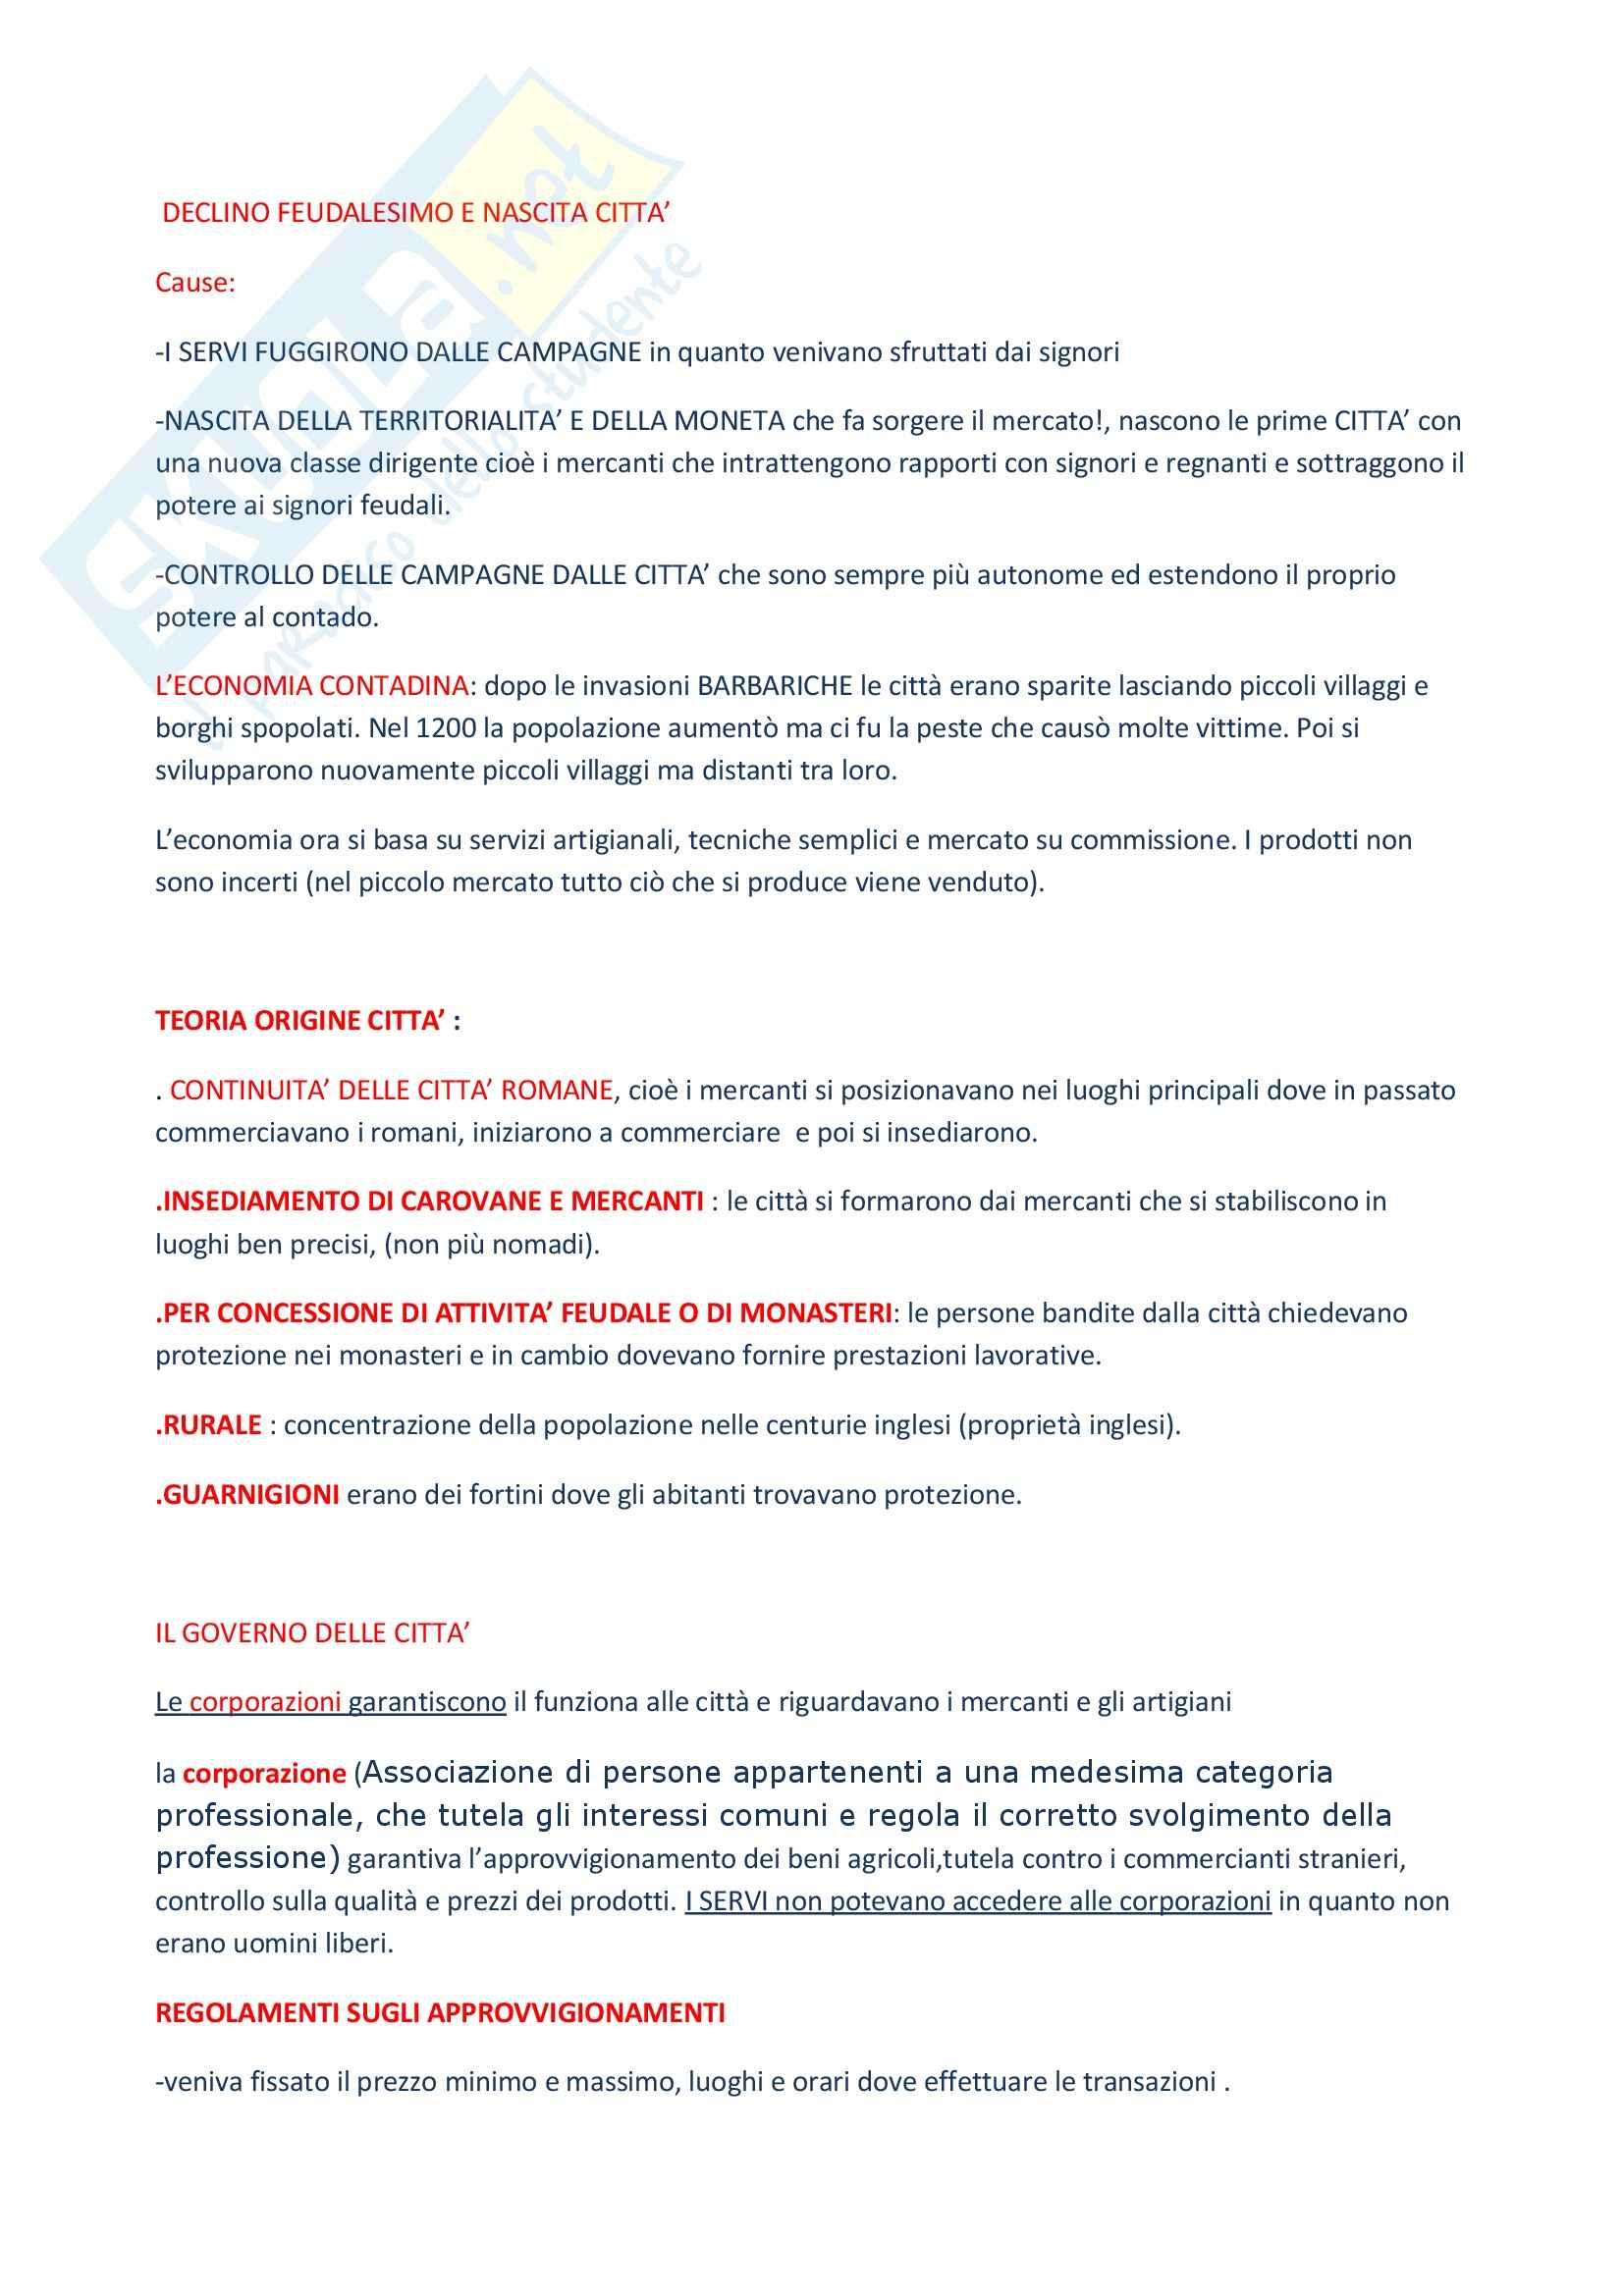 Storia economica - Appunti Pag. 6